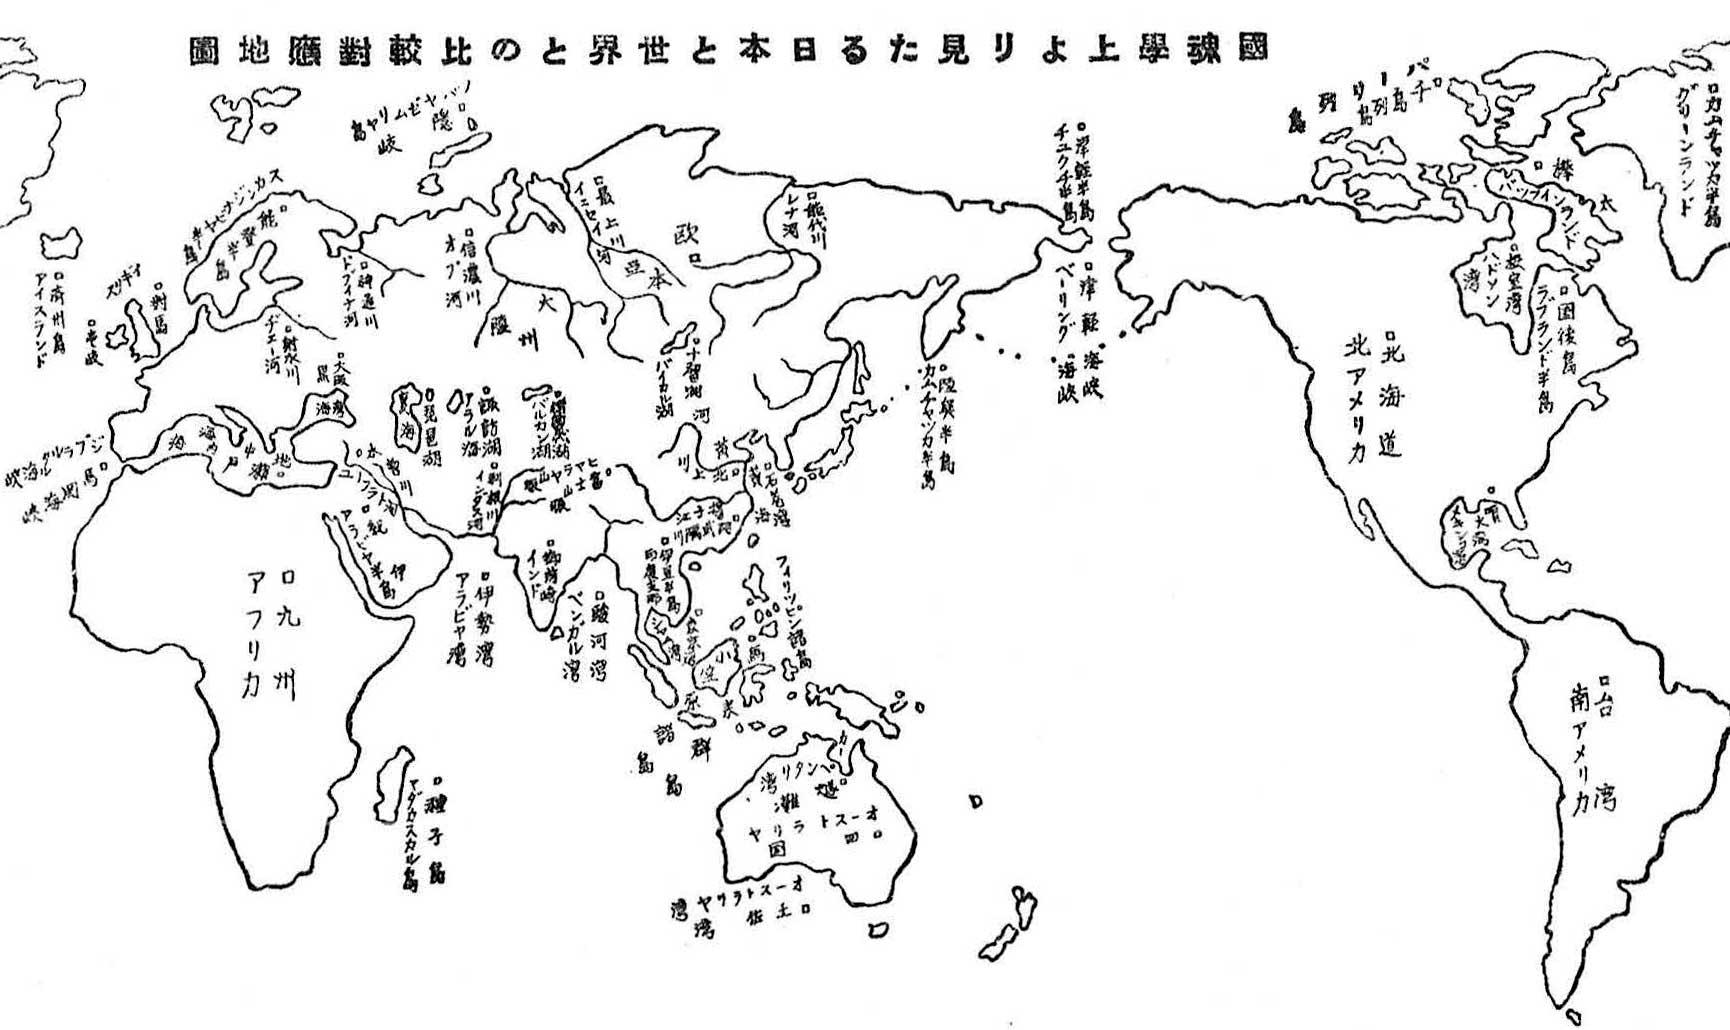 国魂学上より見たる日本と世界との比較対応地図